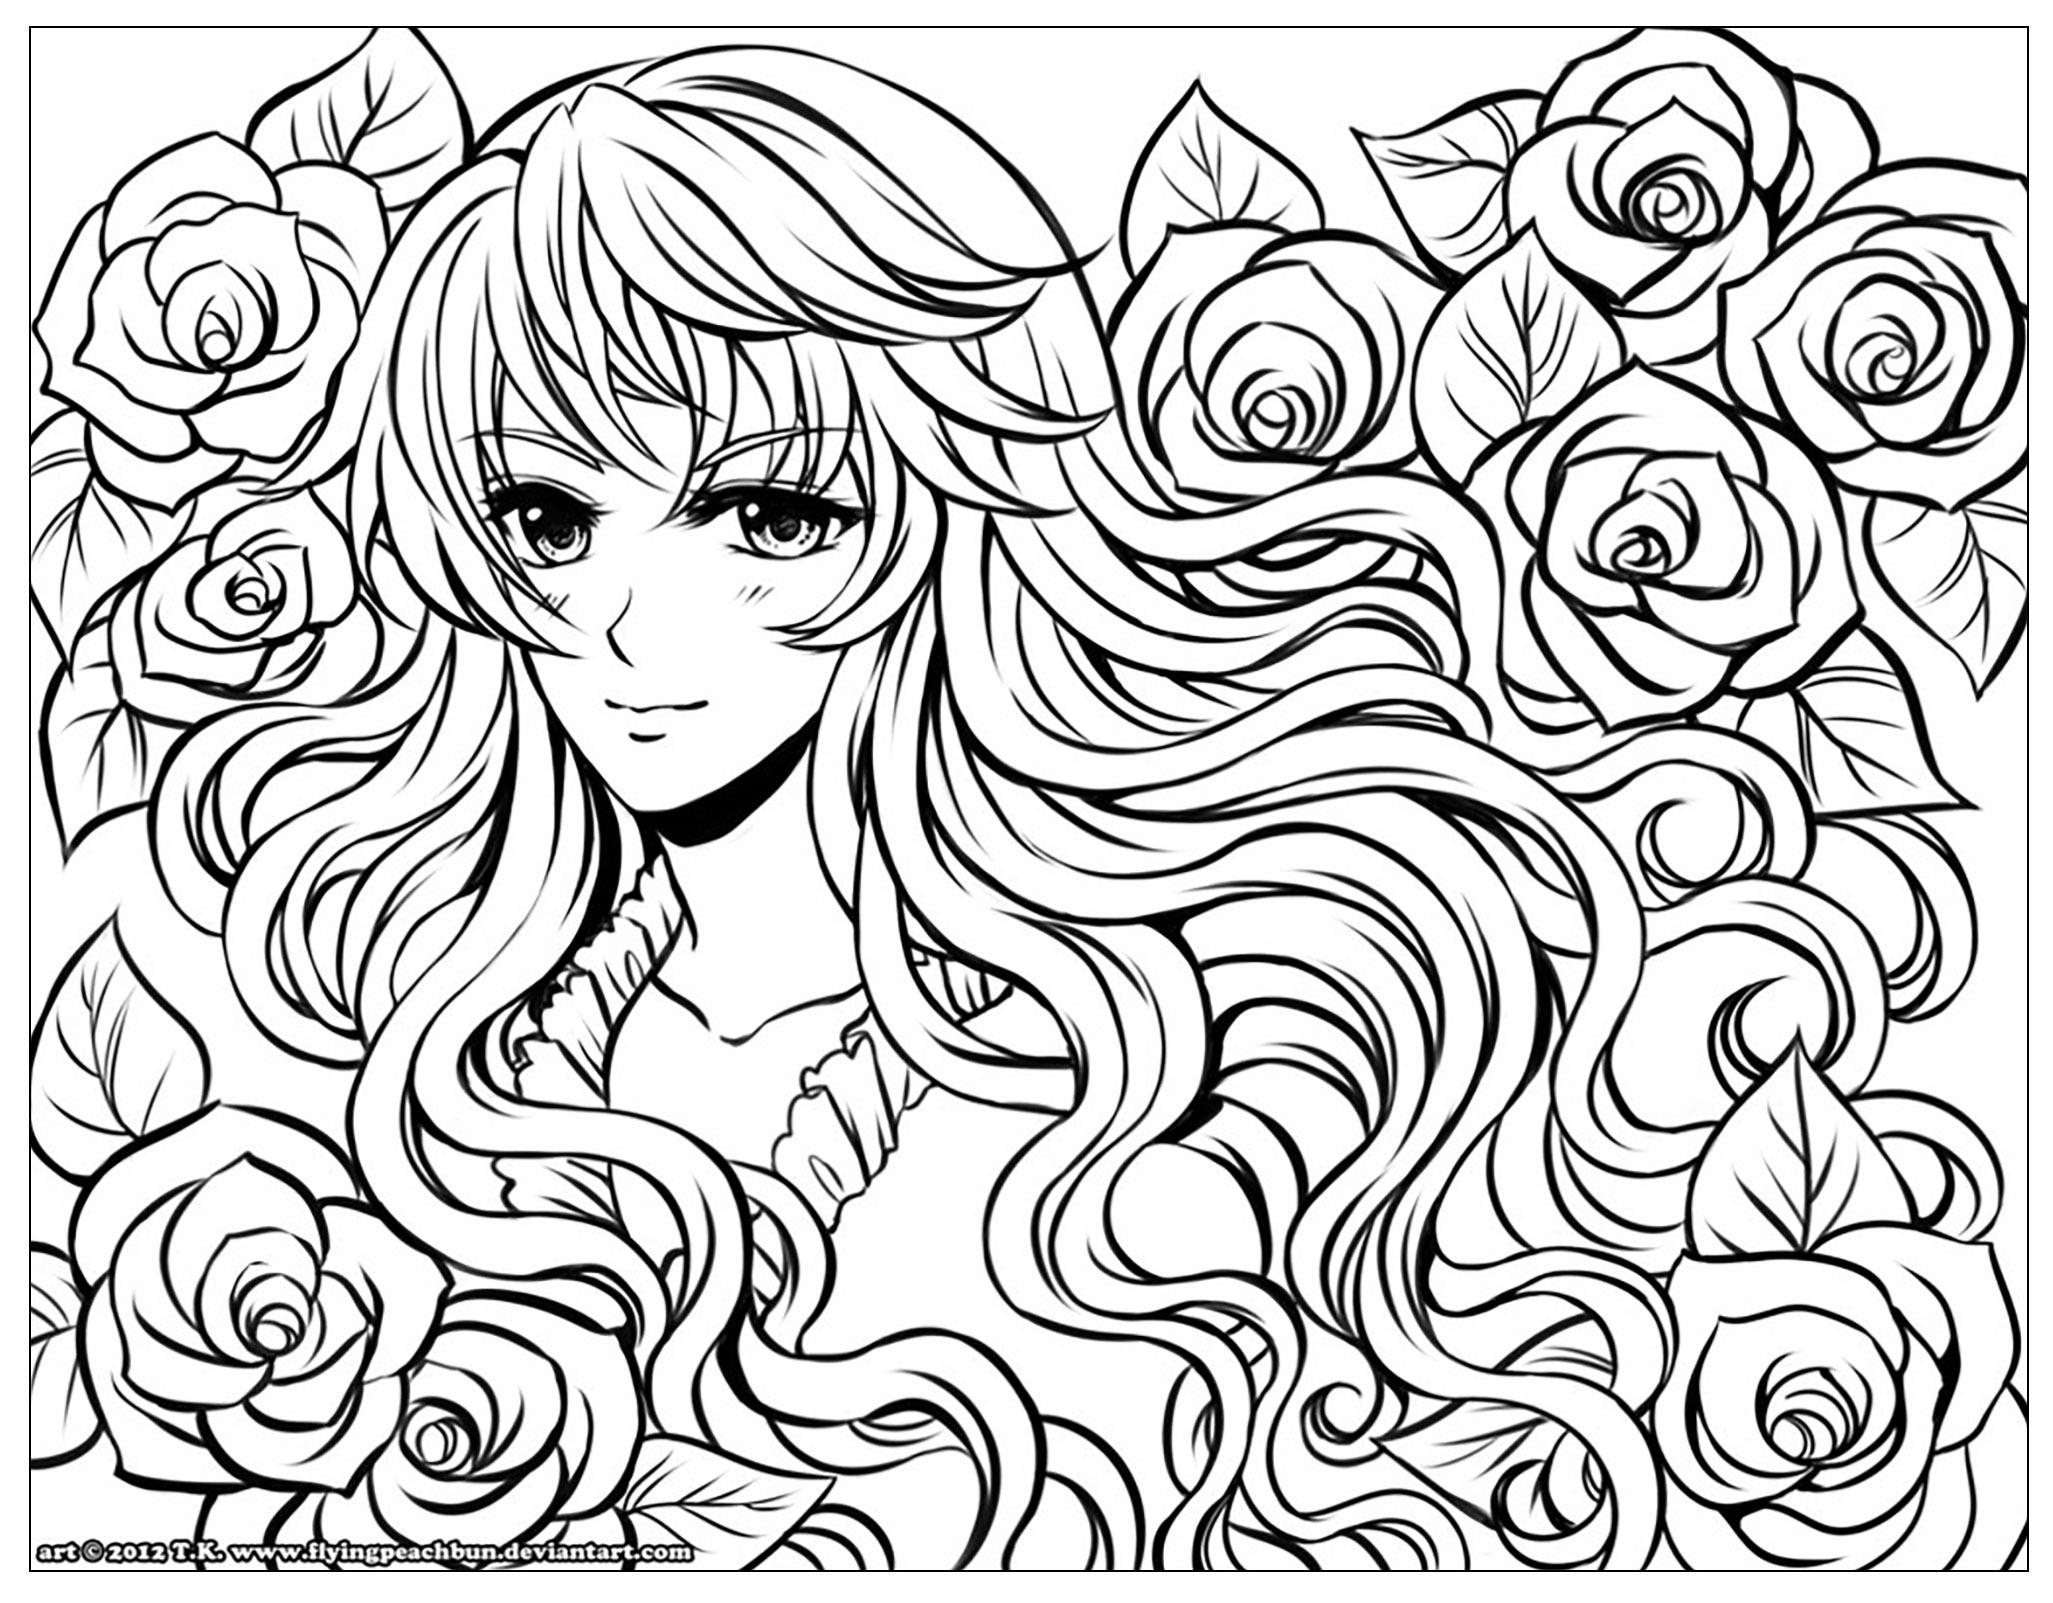 Personnage Manga Avec Fleurs Dans Ses Cheveux Mangas Animes